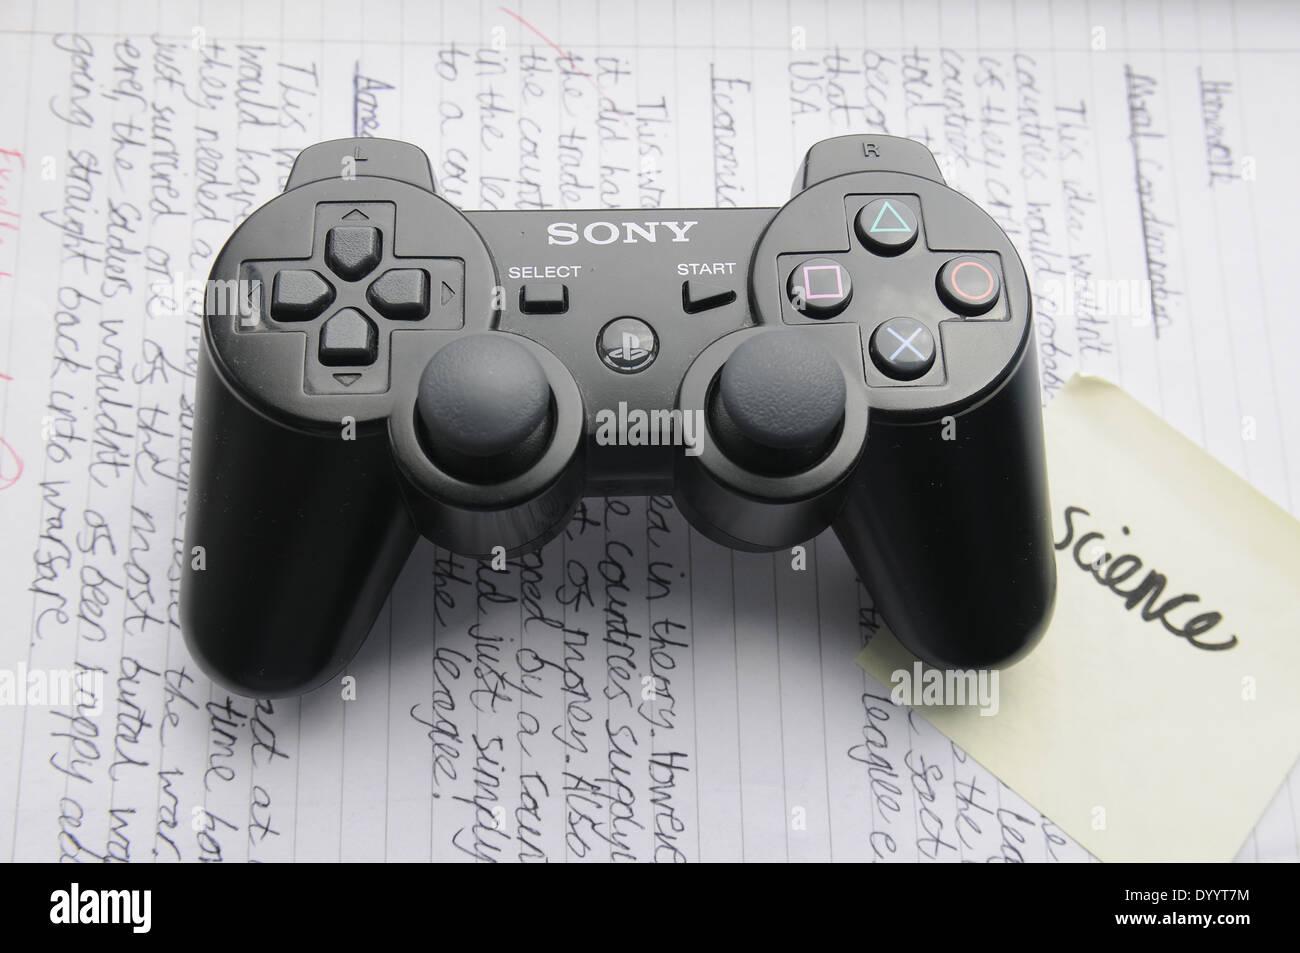 Sony Playstation 2 Ps2 Game Controller Auf Einer Seite Der Hausaufgaben